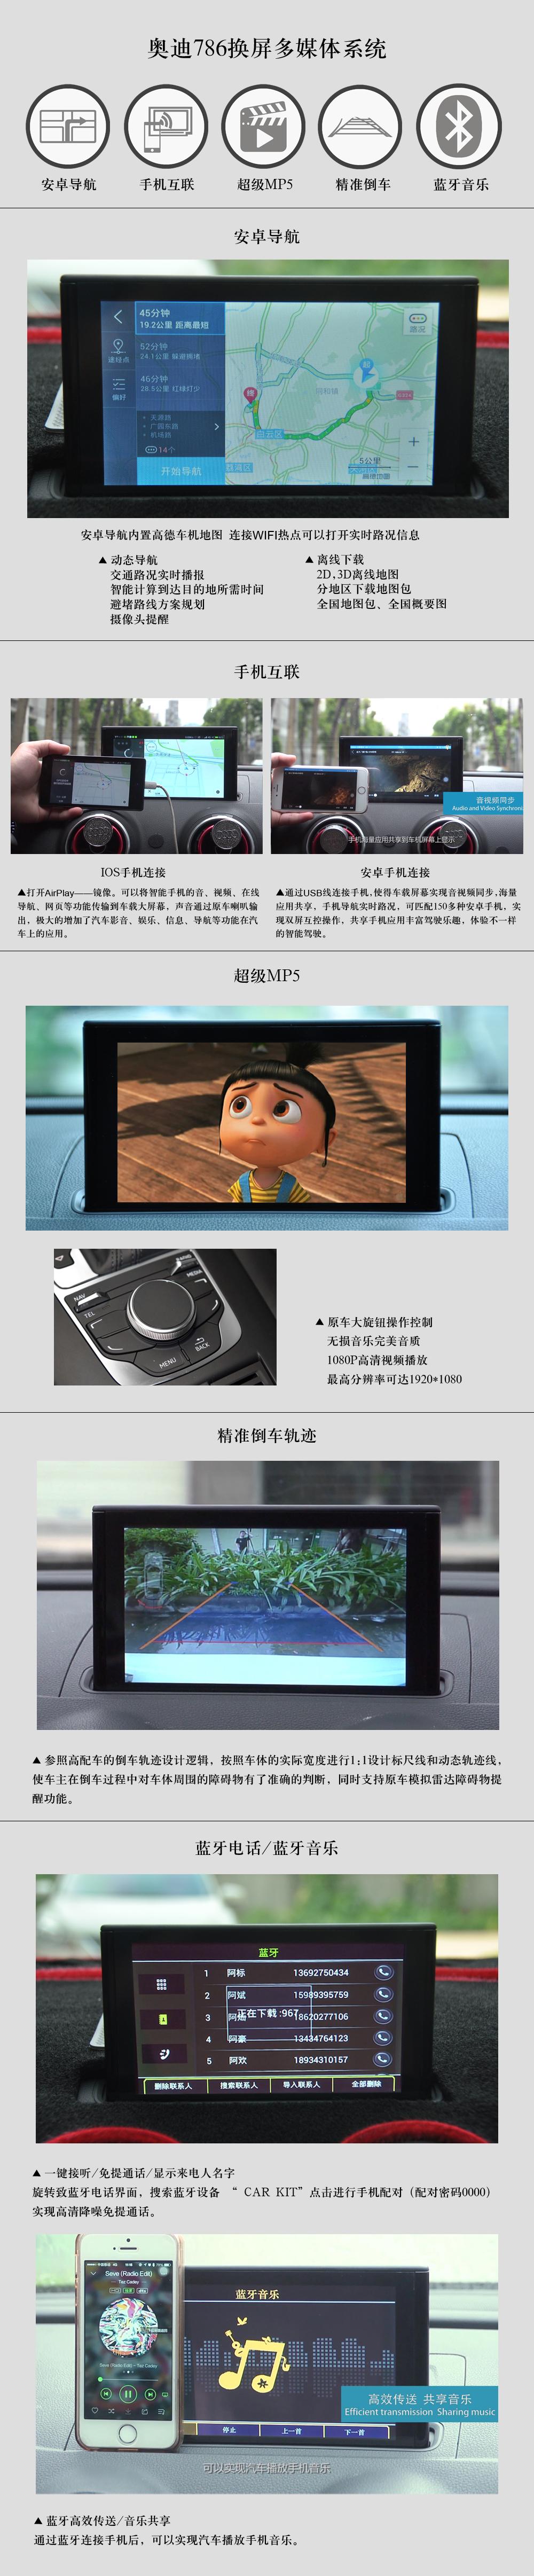 wangzhan-aodi786